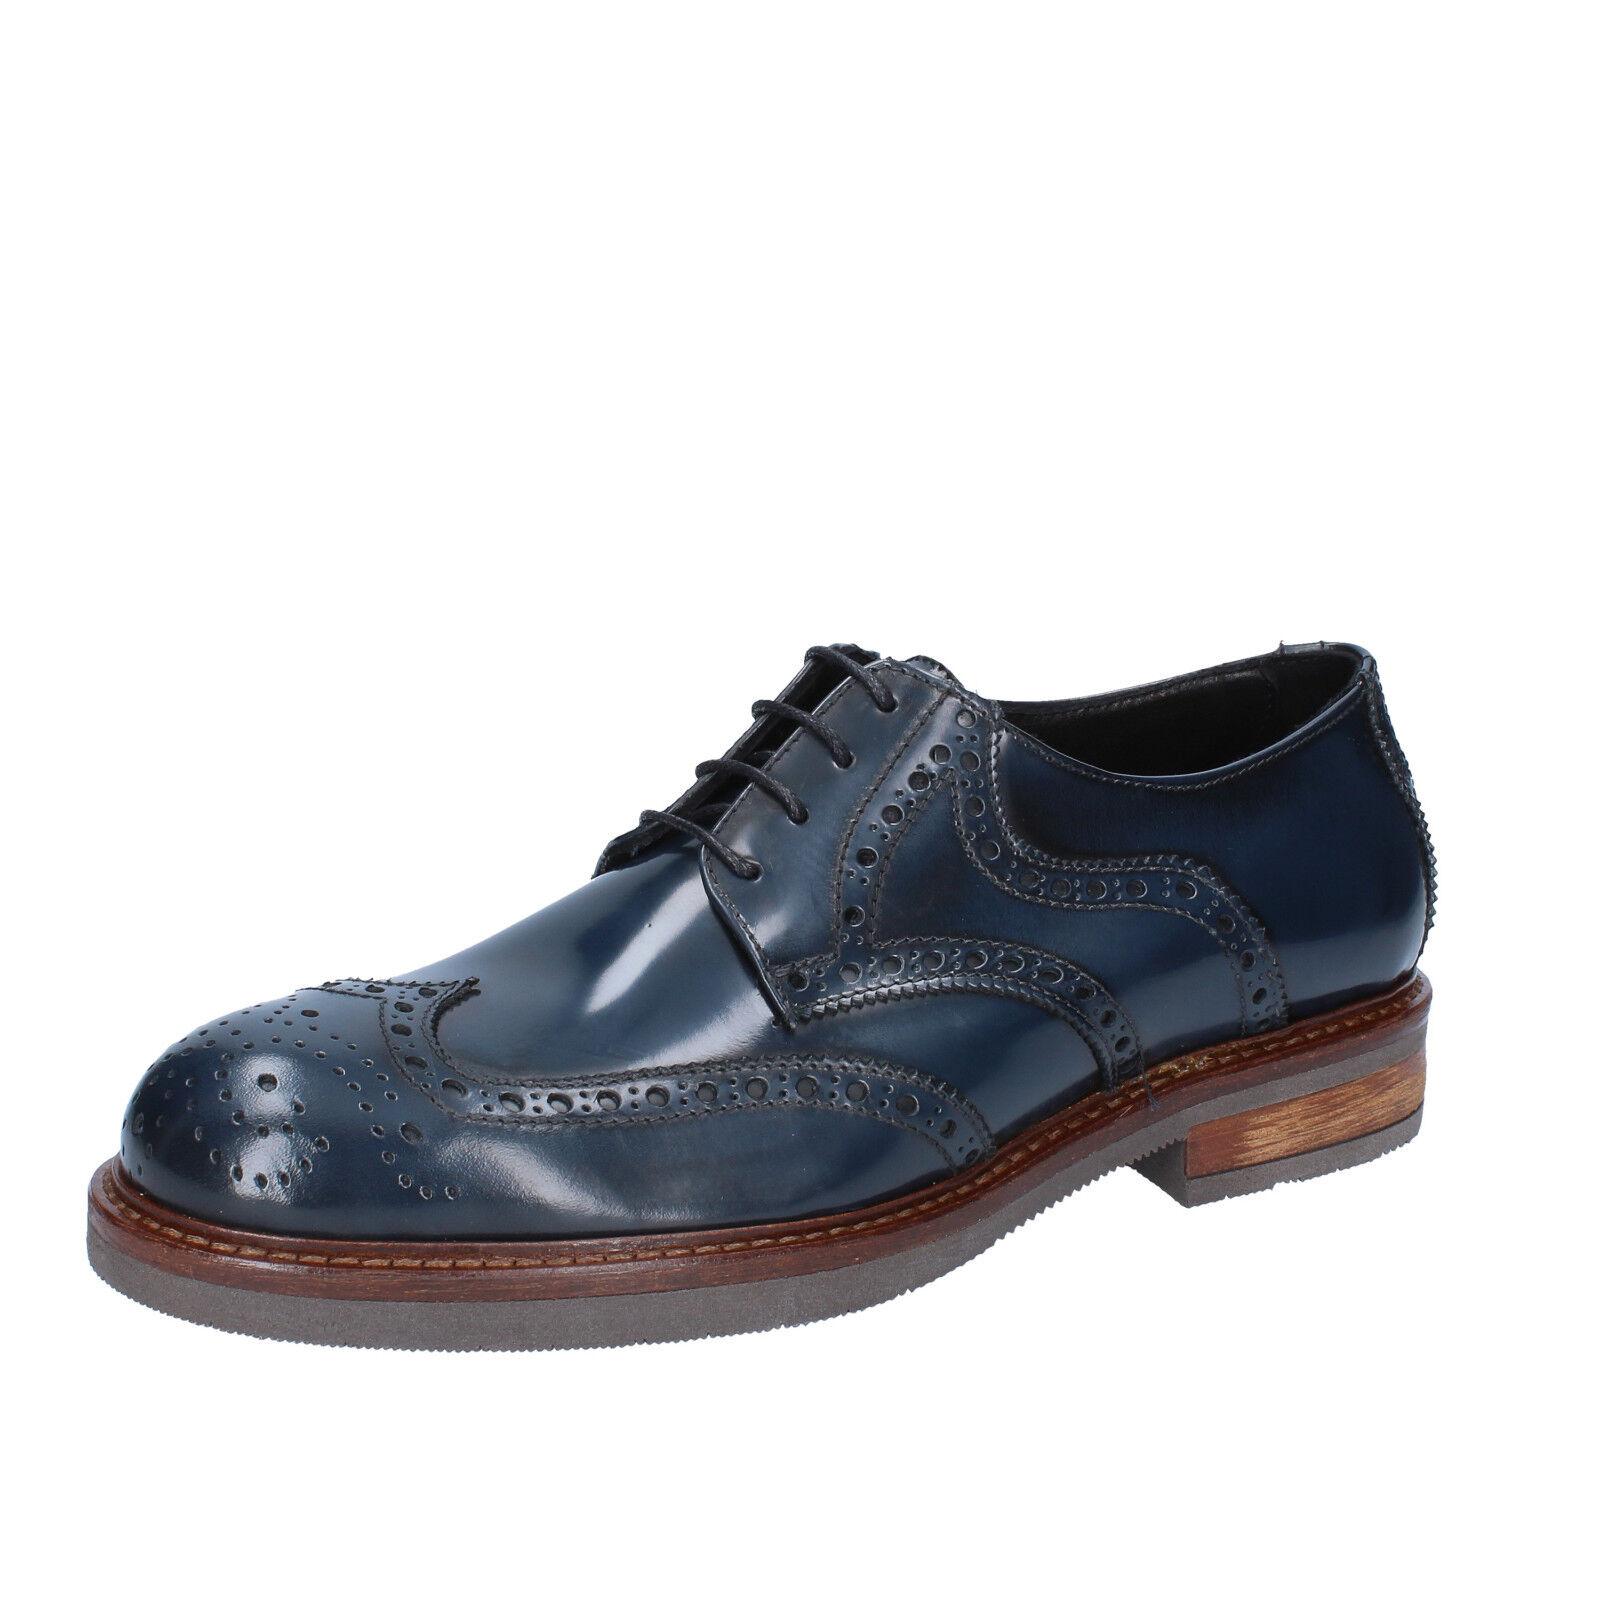 Chaussures hommes FDF chaussures 40 UE Élégant bleu Brillant Peau bz334-b